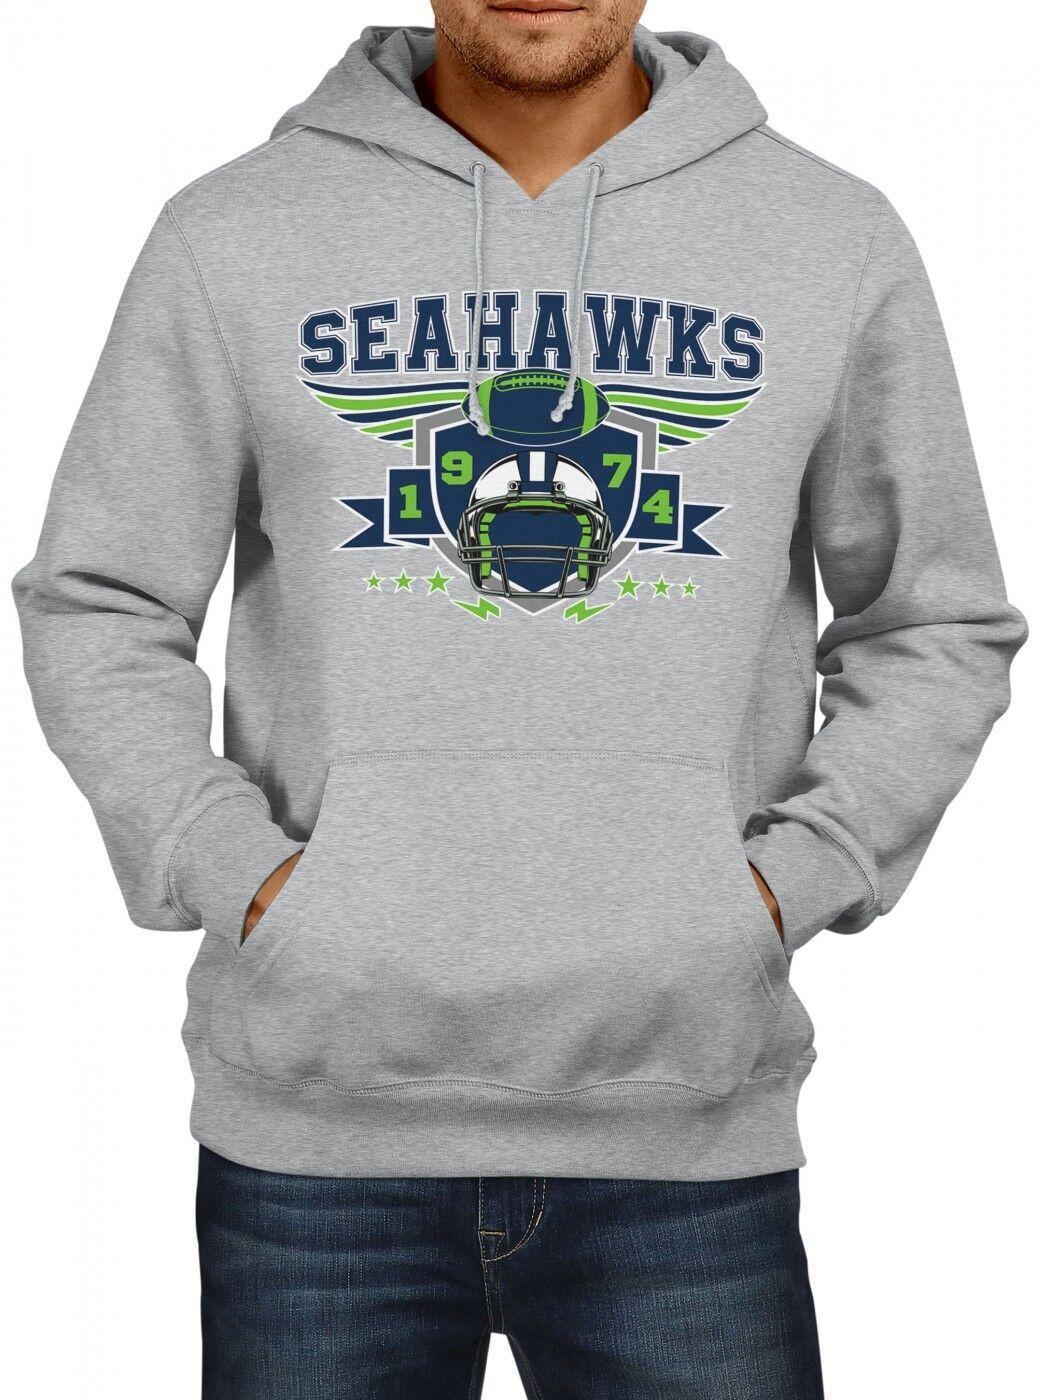 Seahawks Seahawks Seahawks Premium Hoodie 1974 Super Bowl American Football Herren Kapuzenpullover | Online  | Gewinnen Sie hoch geschätzt  | Hohe Qualität und günstig  92ea4a